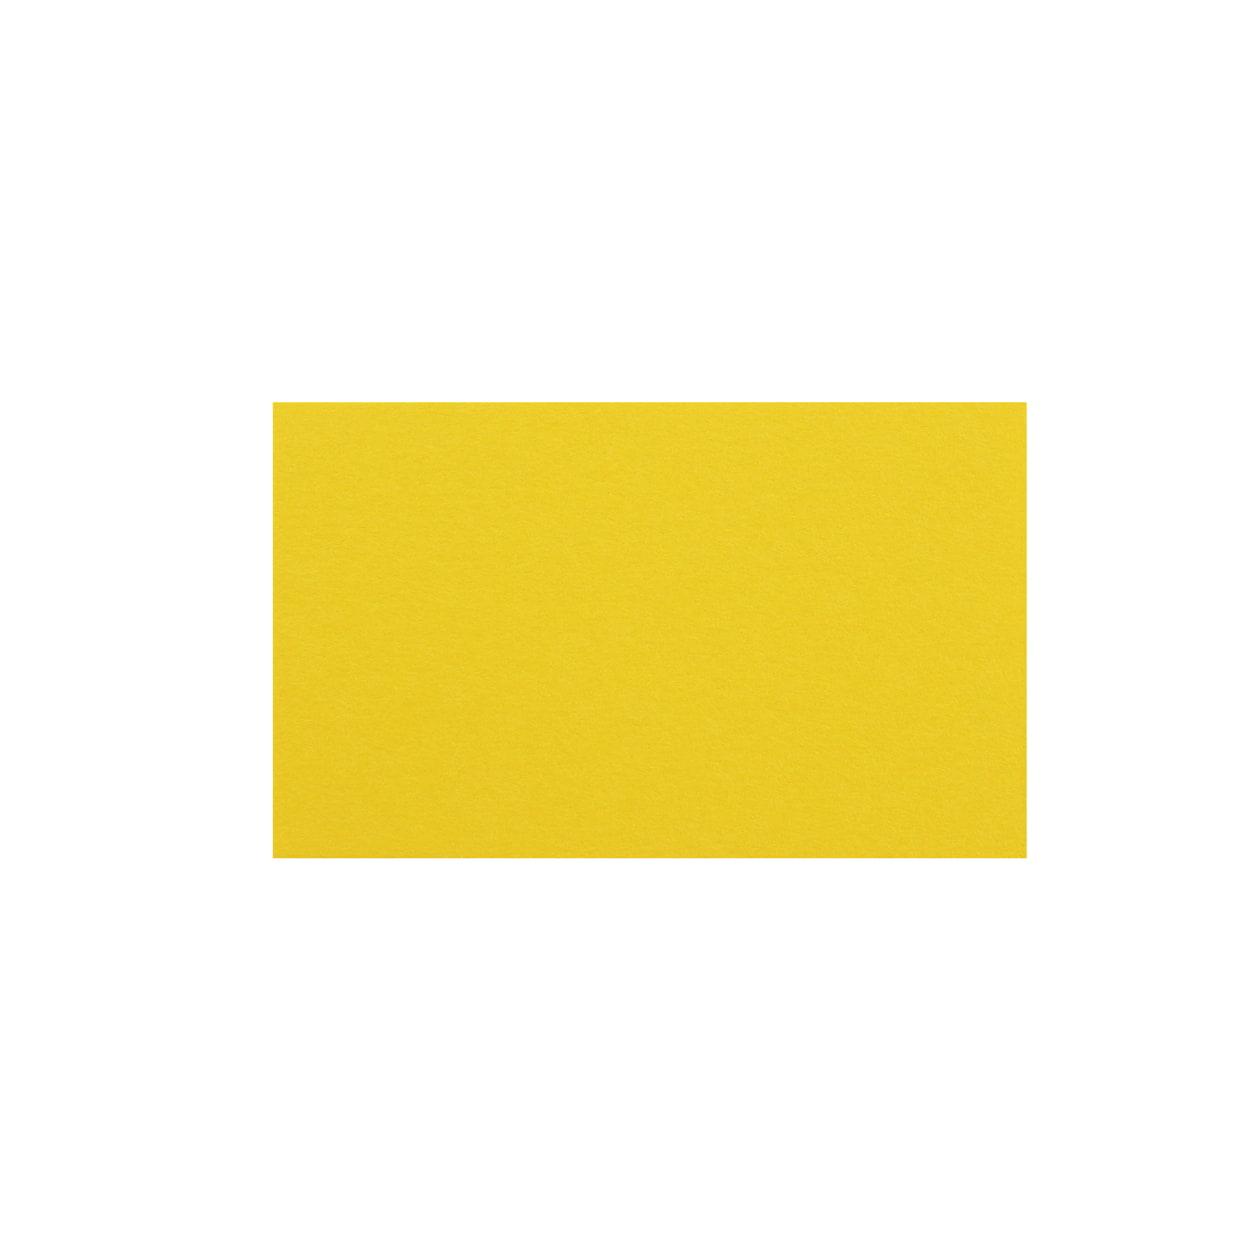 ネームカード コットン(NTラシャ) 黄色 244.3g